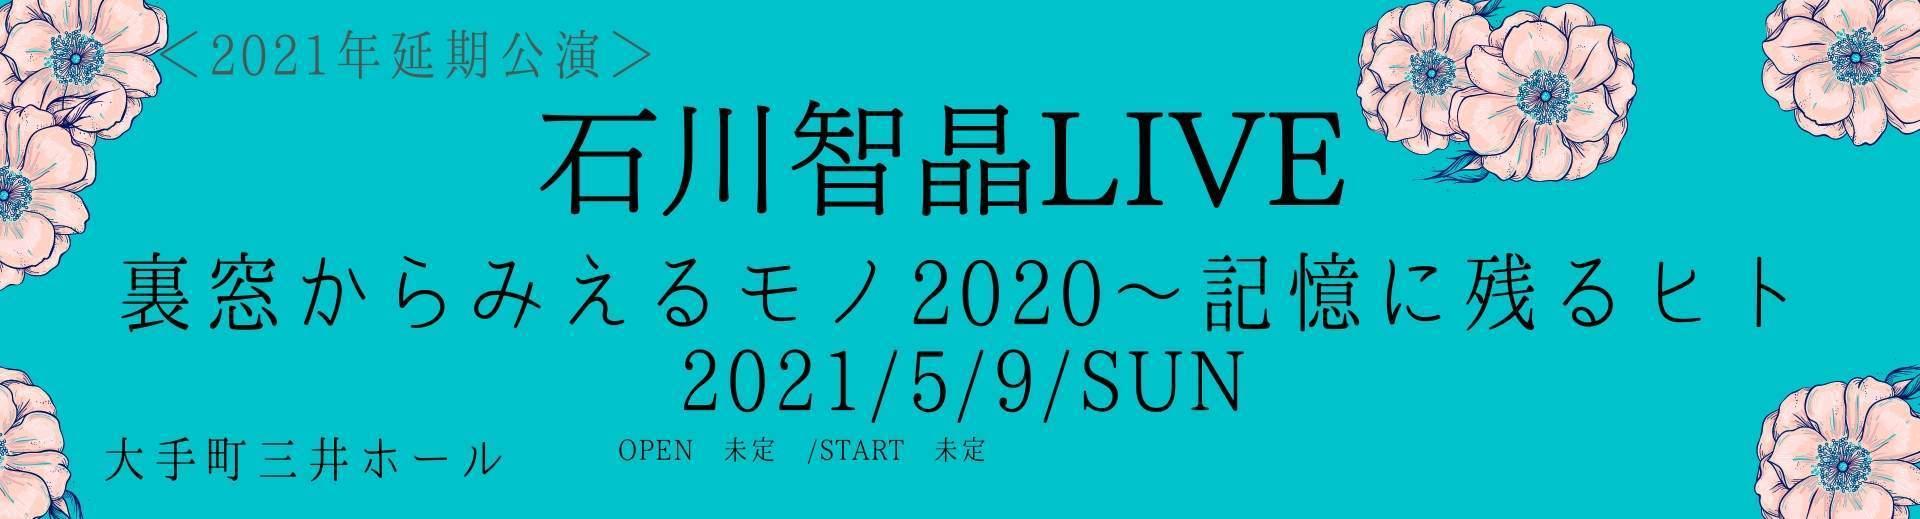 2021年5月9日<延期公演>「裏窓からみえるモノ〜2020記憶に残るヒト」